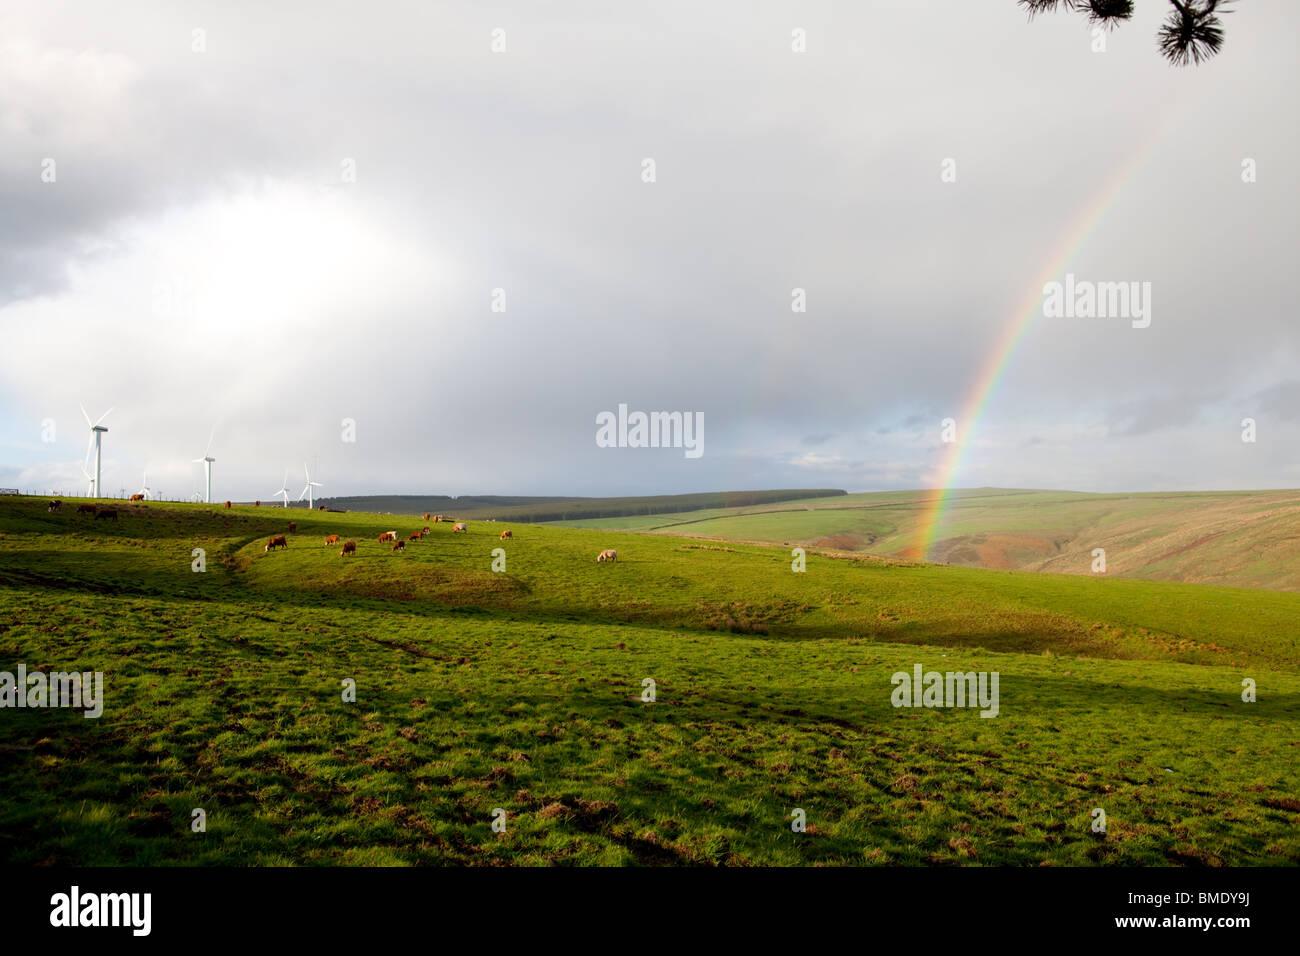 Un arco iris contra un cielo nublado y tierras de cultivo, con turbinas de viento en la distancia Imagen De Stock